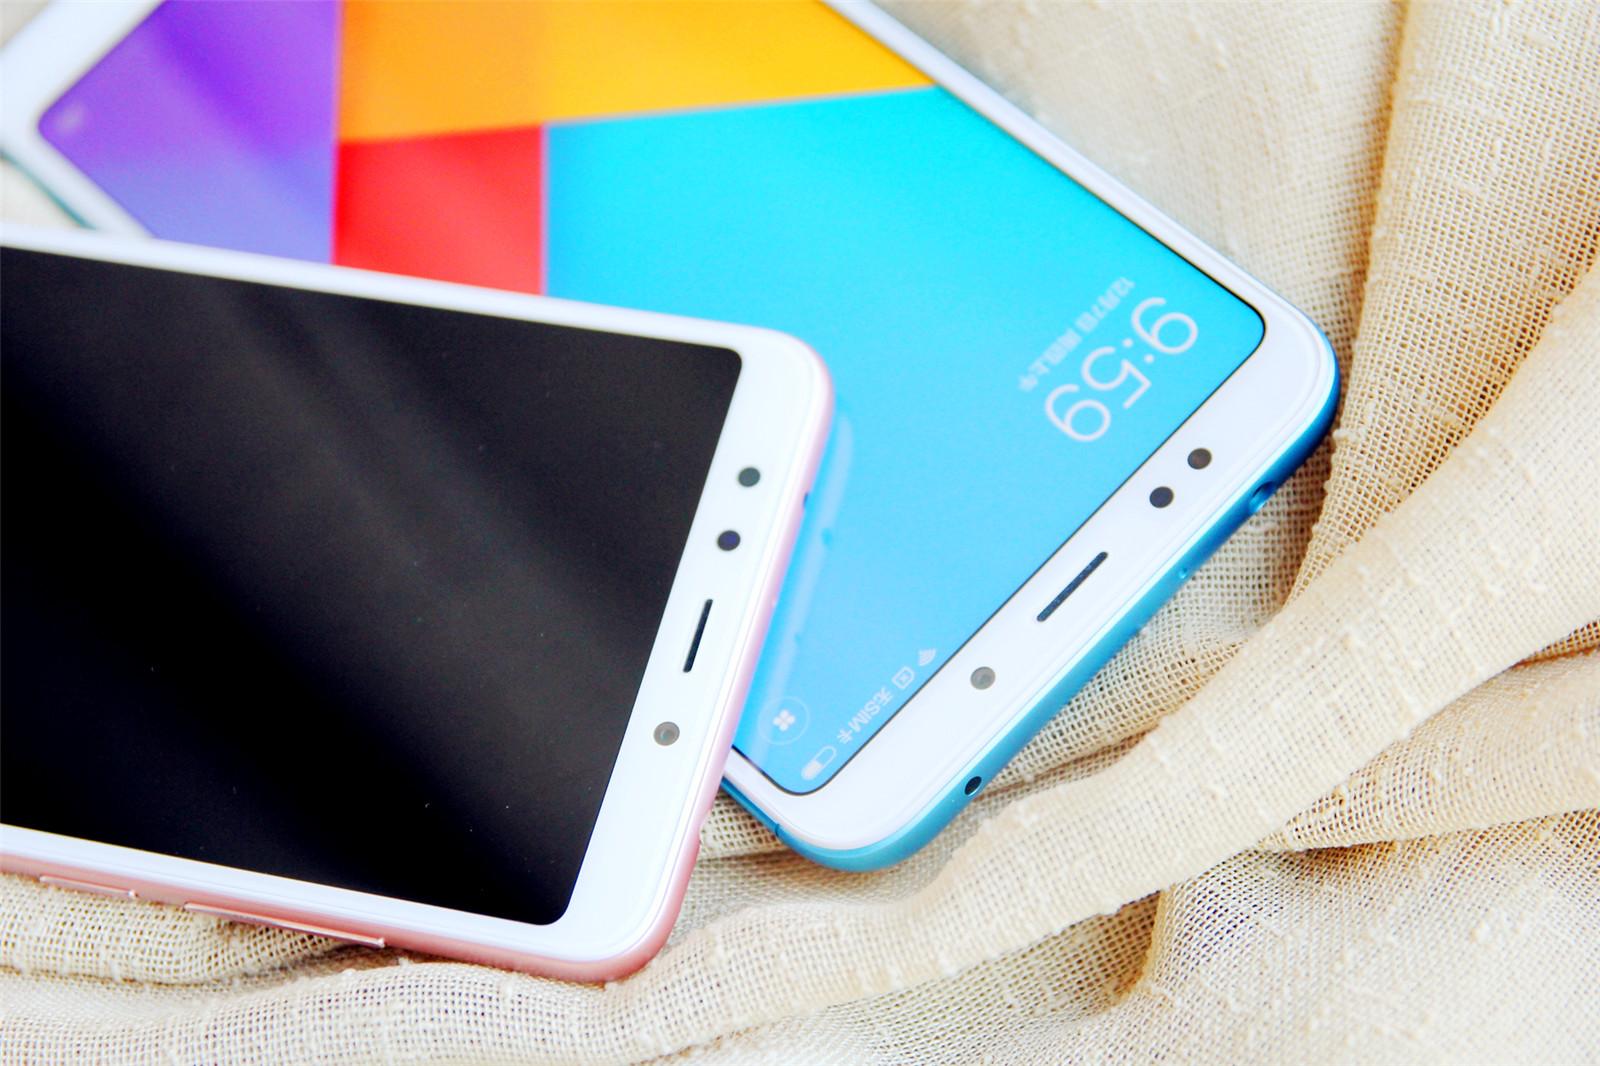 人民1000元全面屏手机 小米手机红米5公布市场价799元起